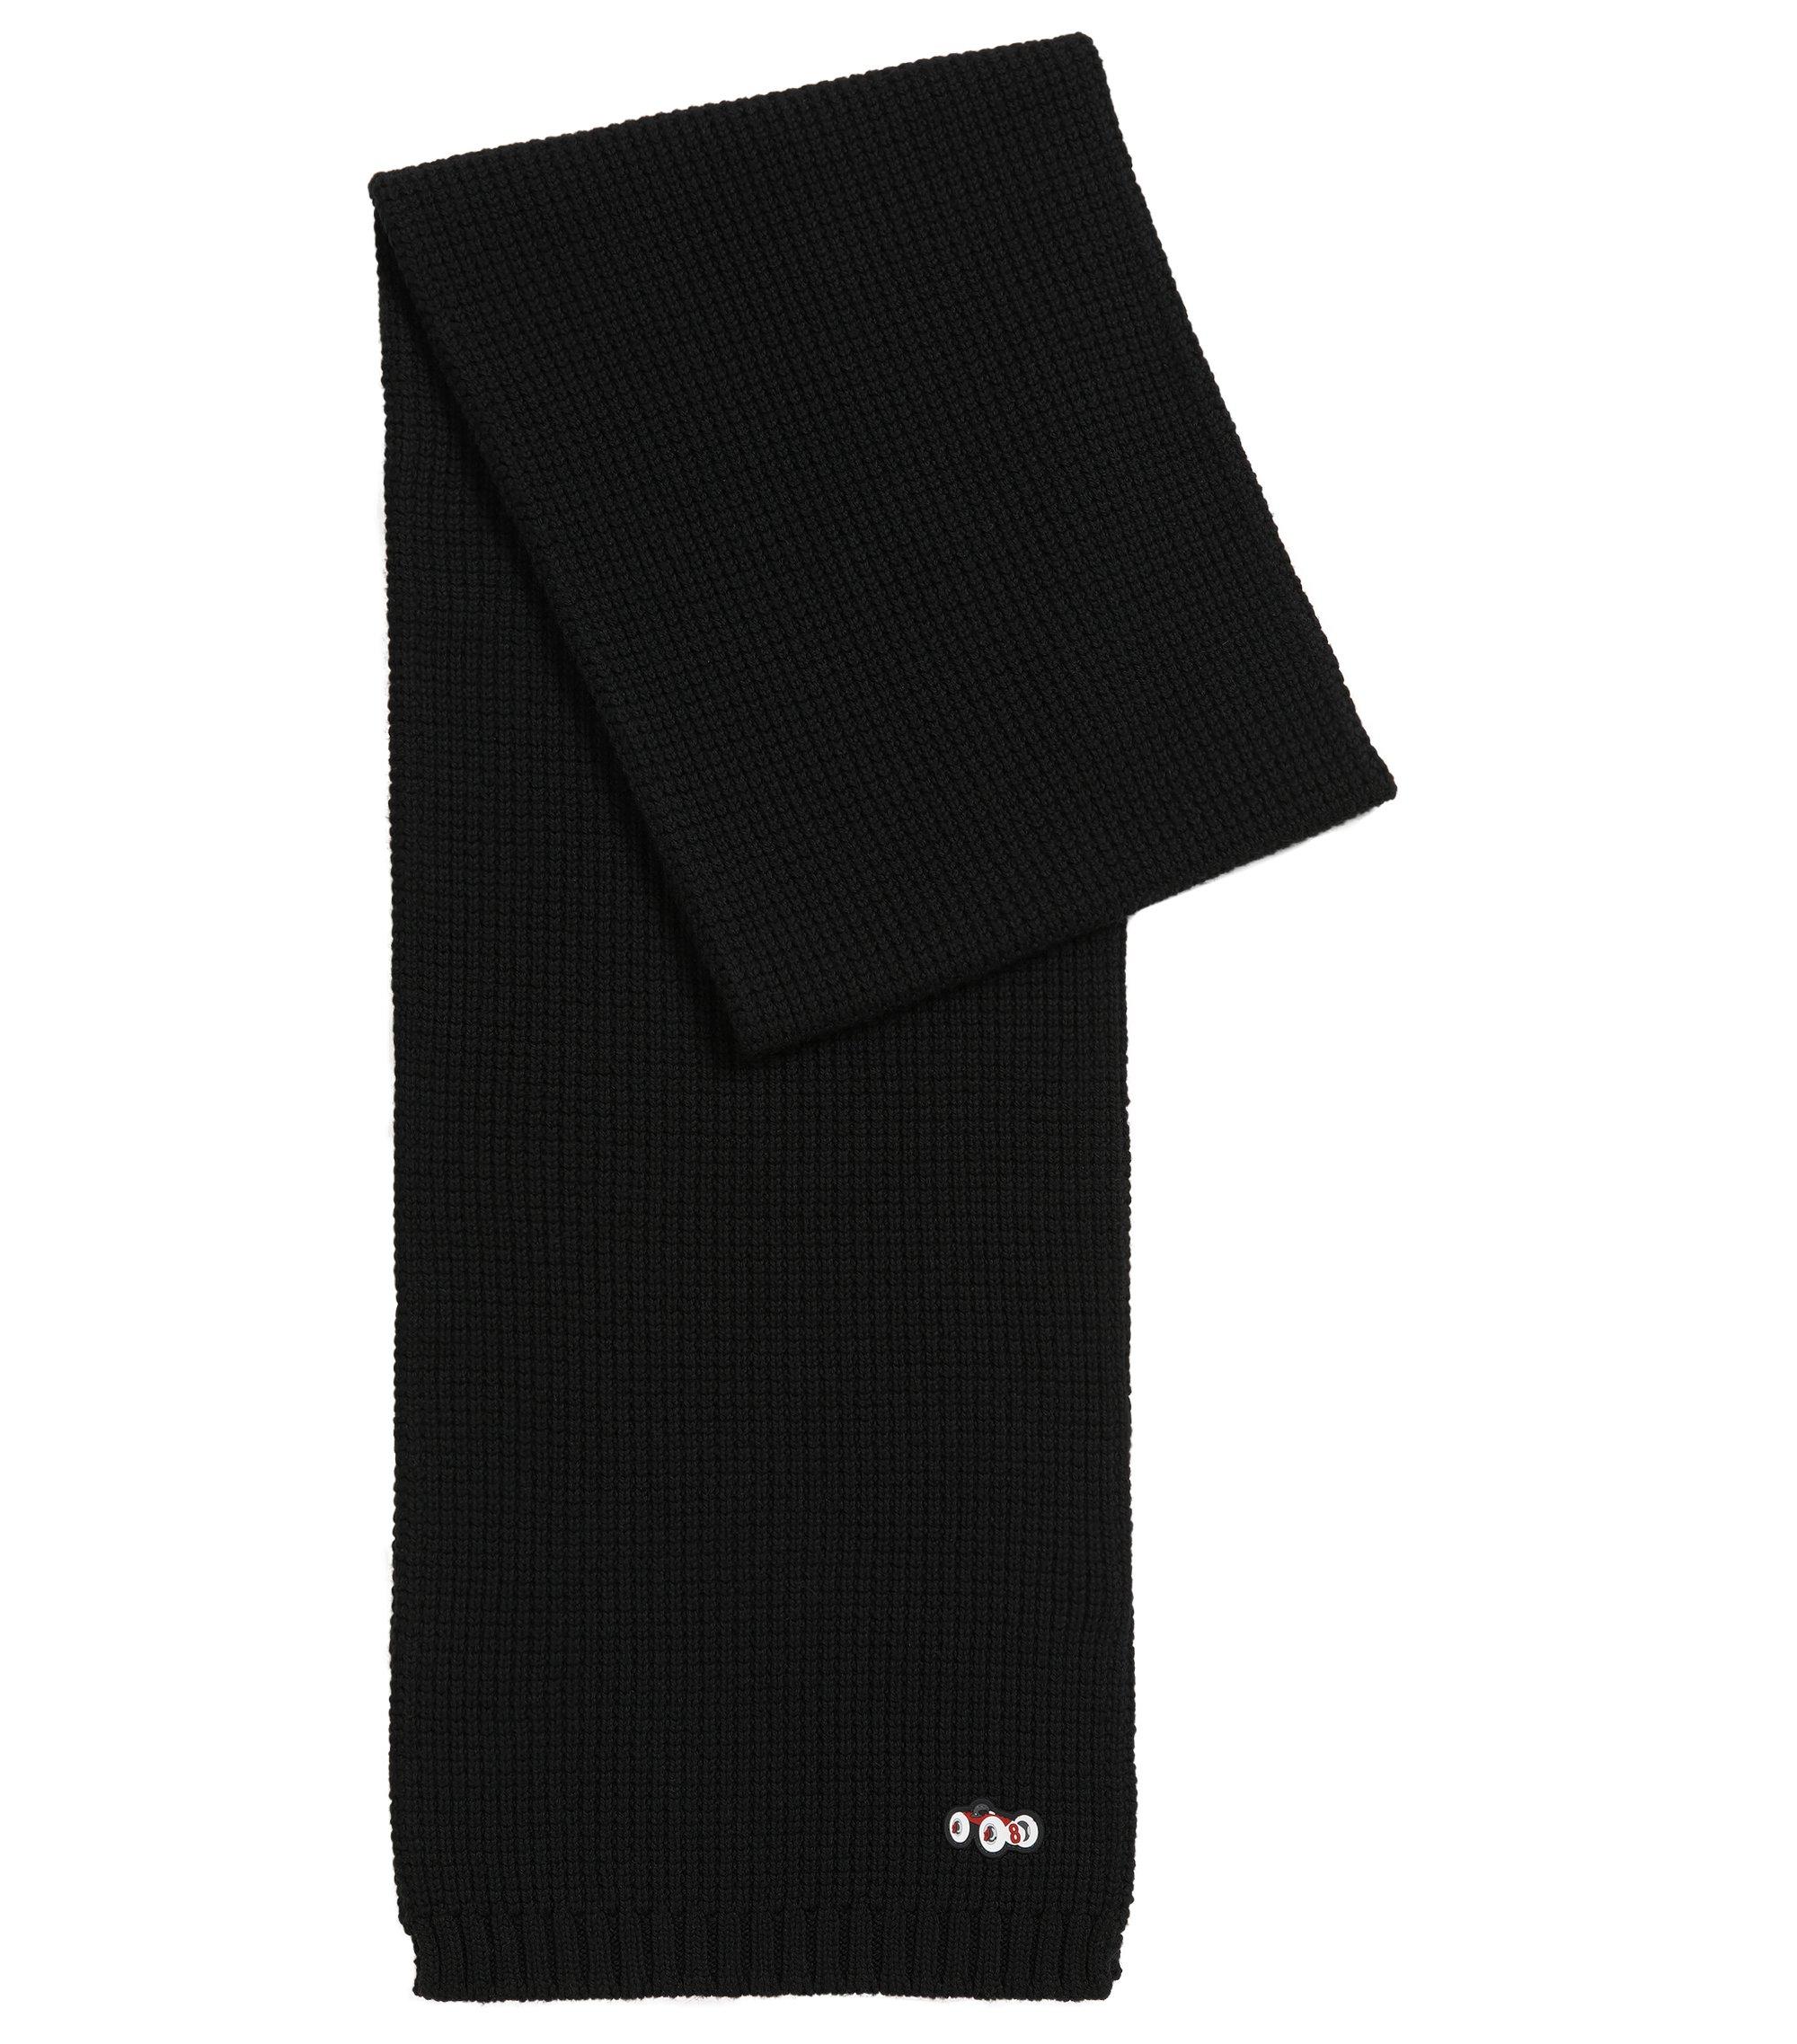 Schal aus schwerer Schurwolle mit Rennwagen-Motiv, Schwarz